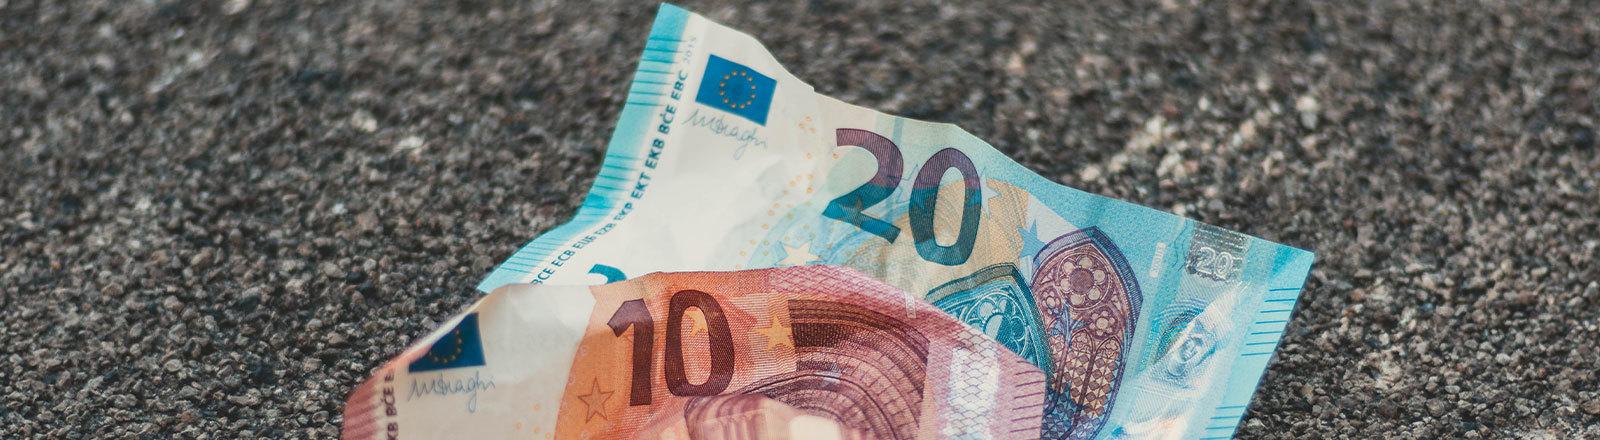 Zwei zerknitterte Euroscheine, 10 und 20 Euro